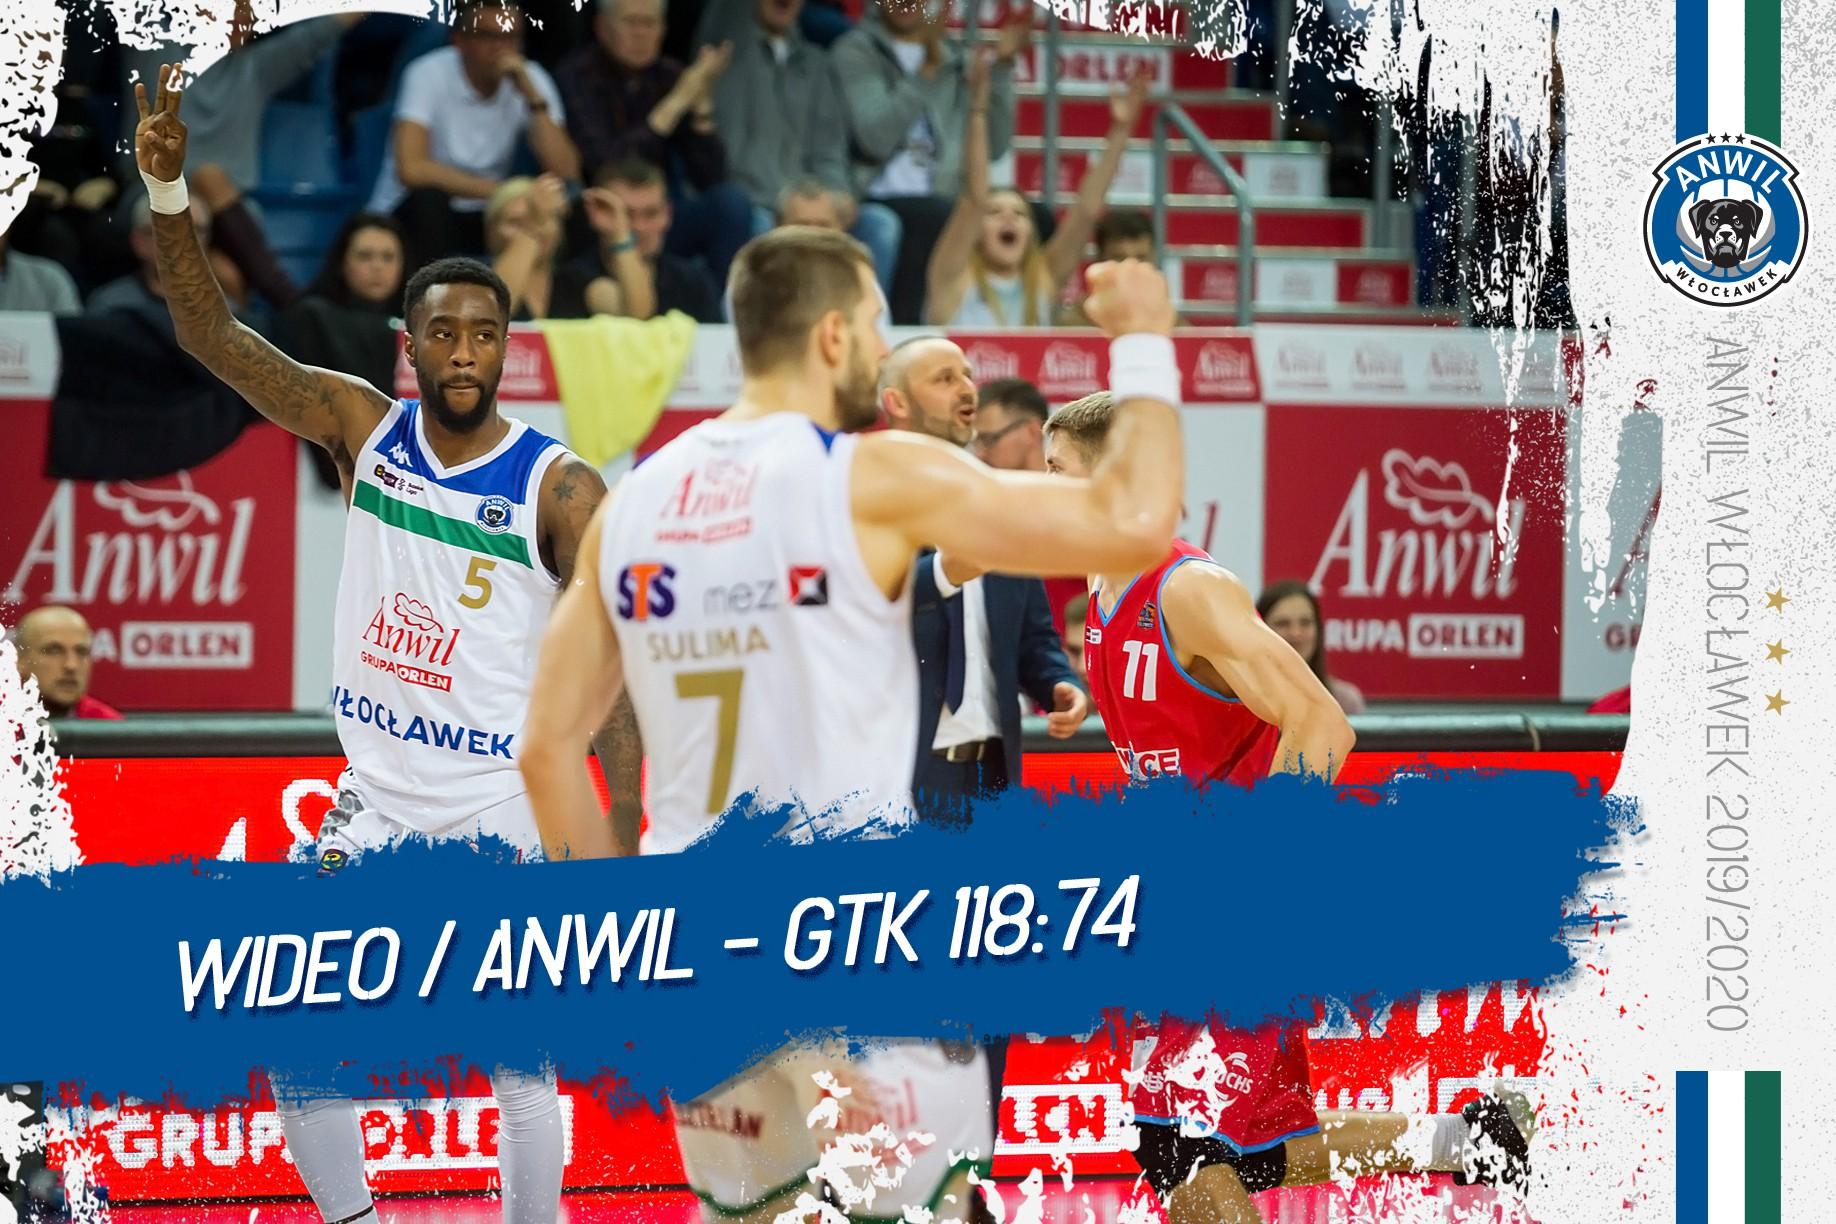 Wideo | Anwil Włocławek - GTK Gliwice 118:74